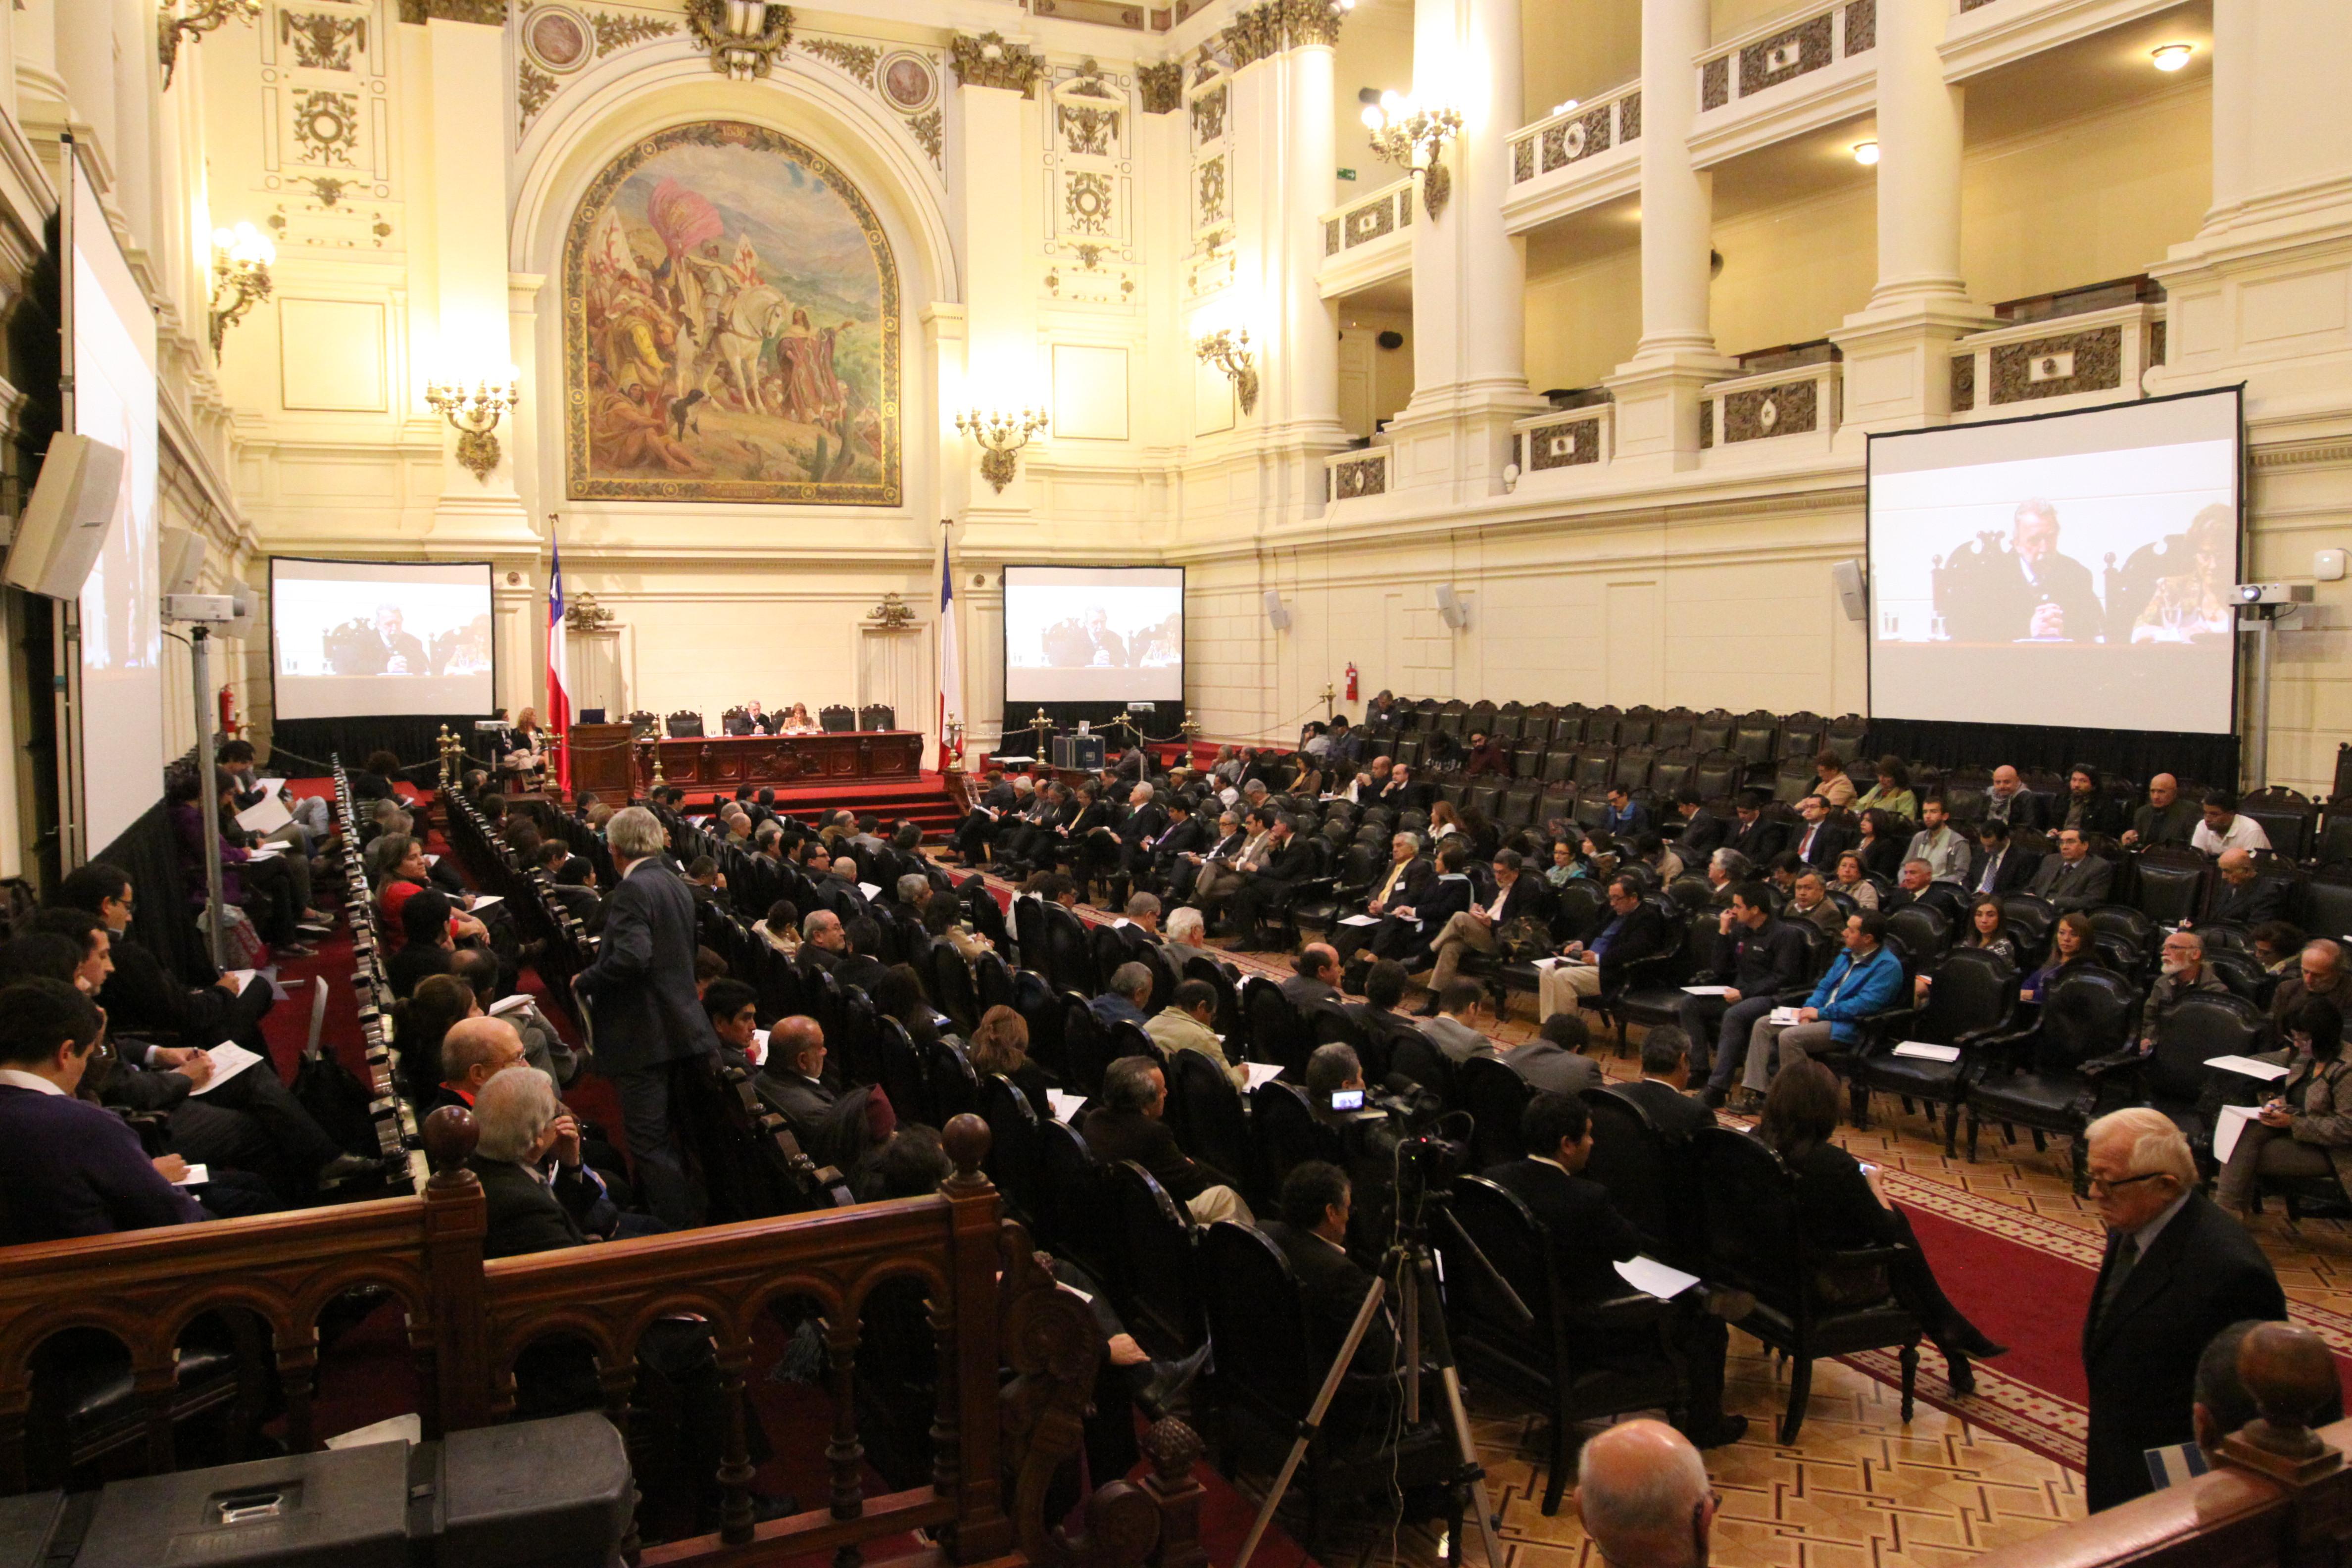 Congreso Internacional de Cooperativas y Economía Social Solidaria